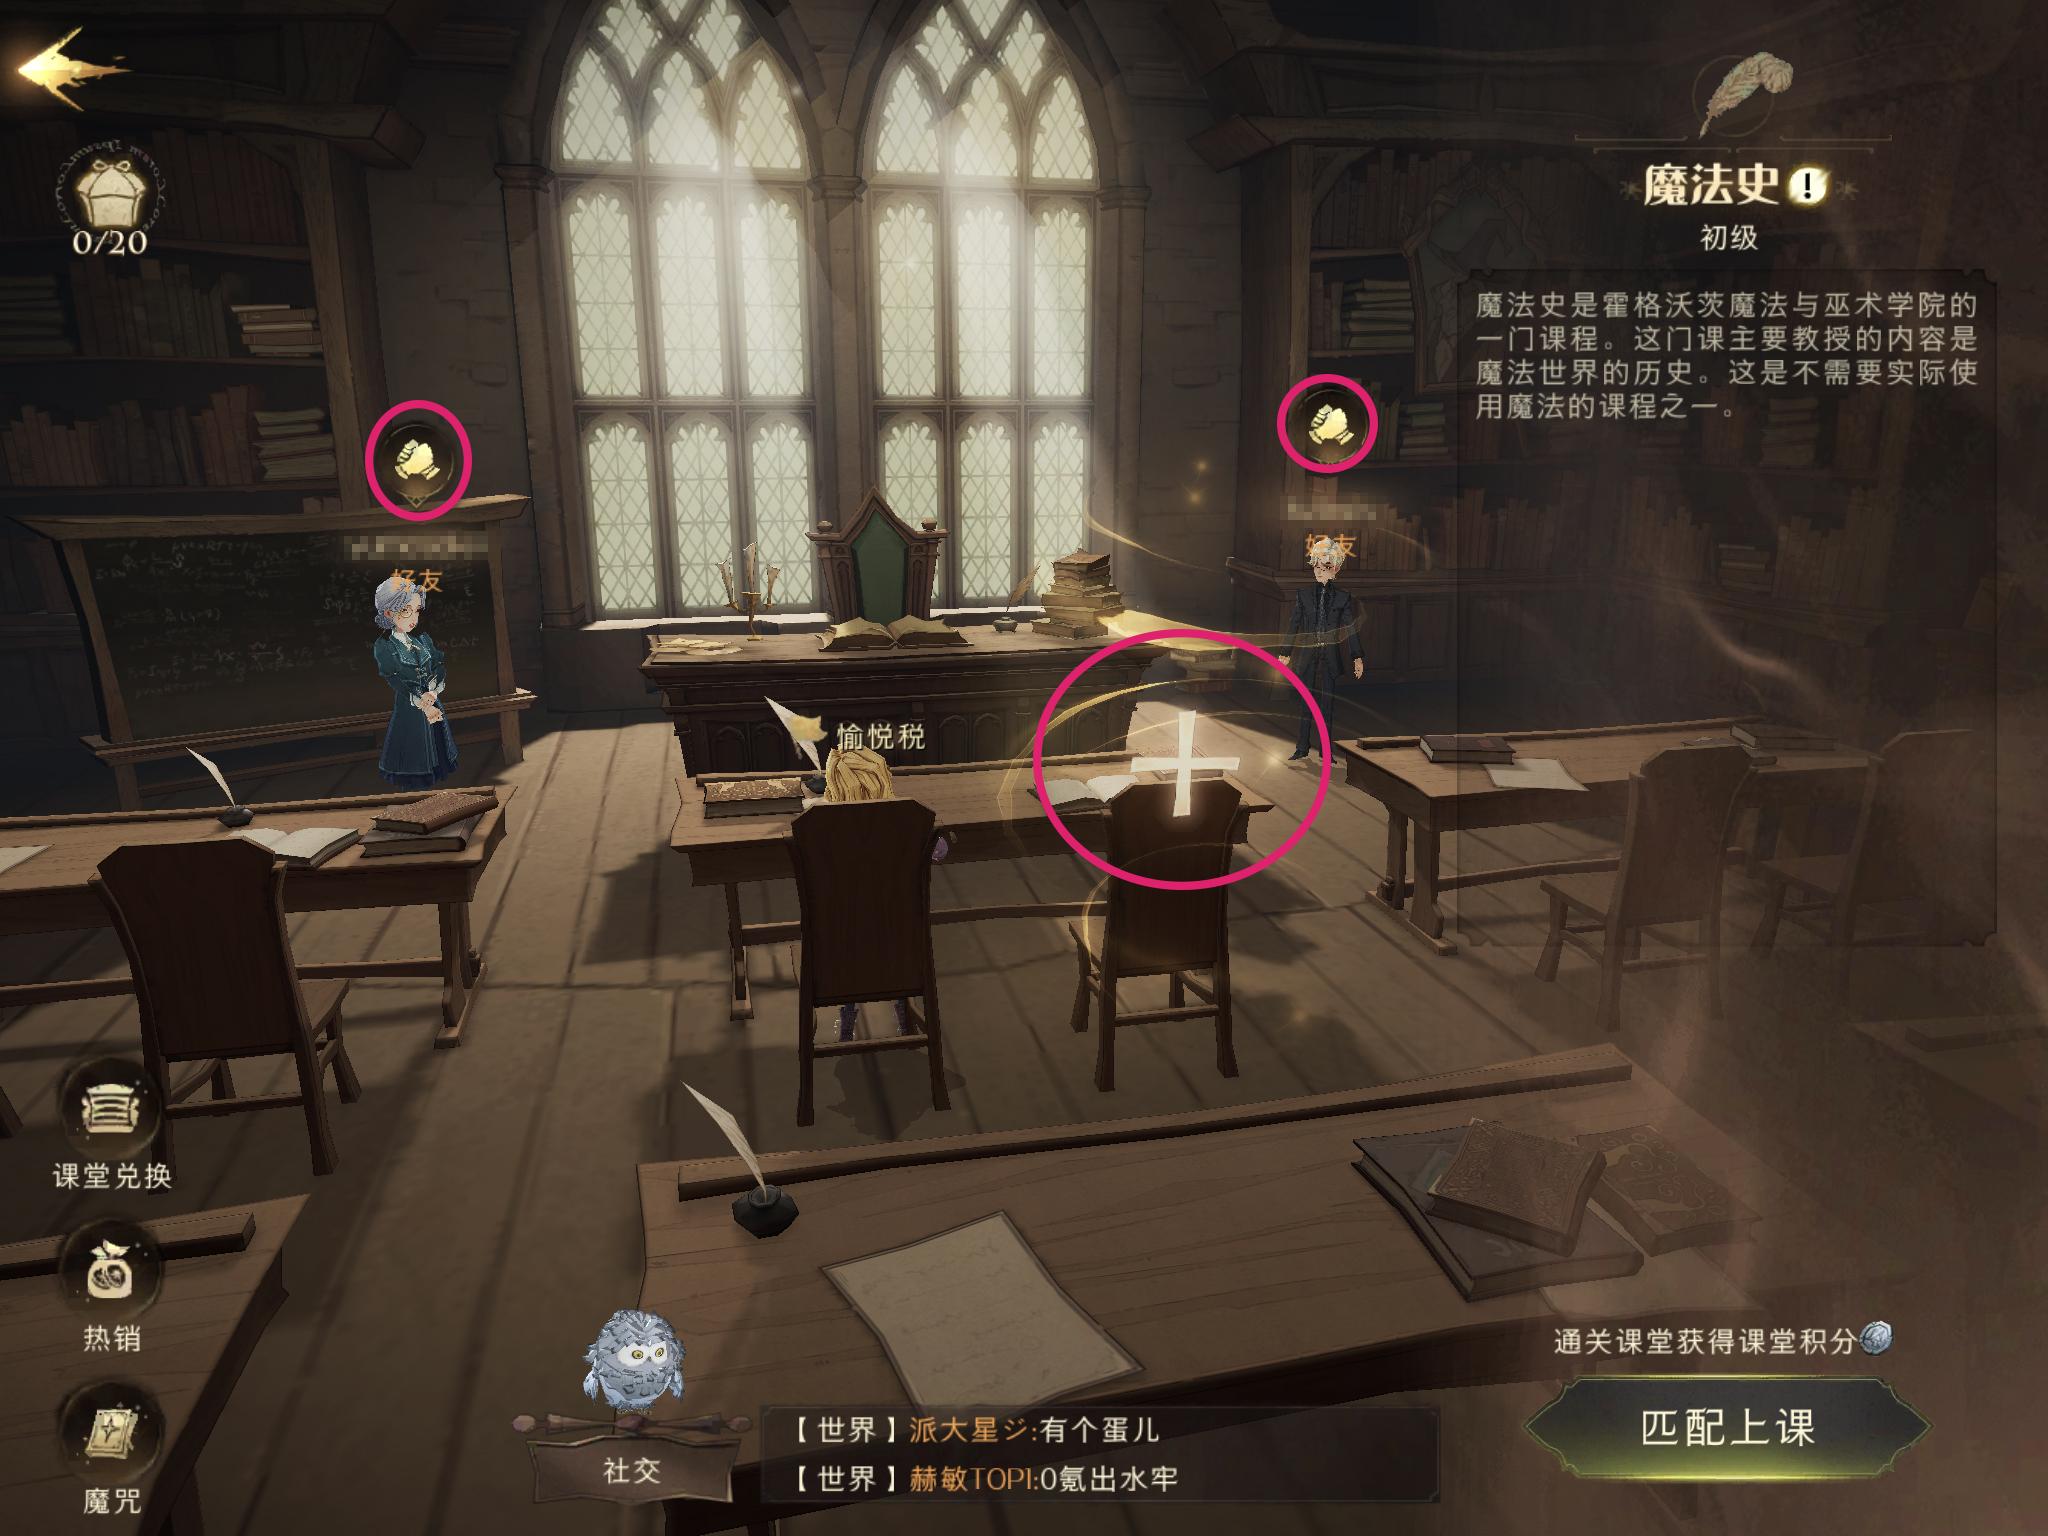 《哈利波特:魔法觉醒》社恐玩家们的噩梦游戏-茶几部落